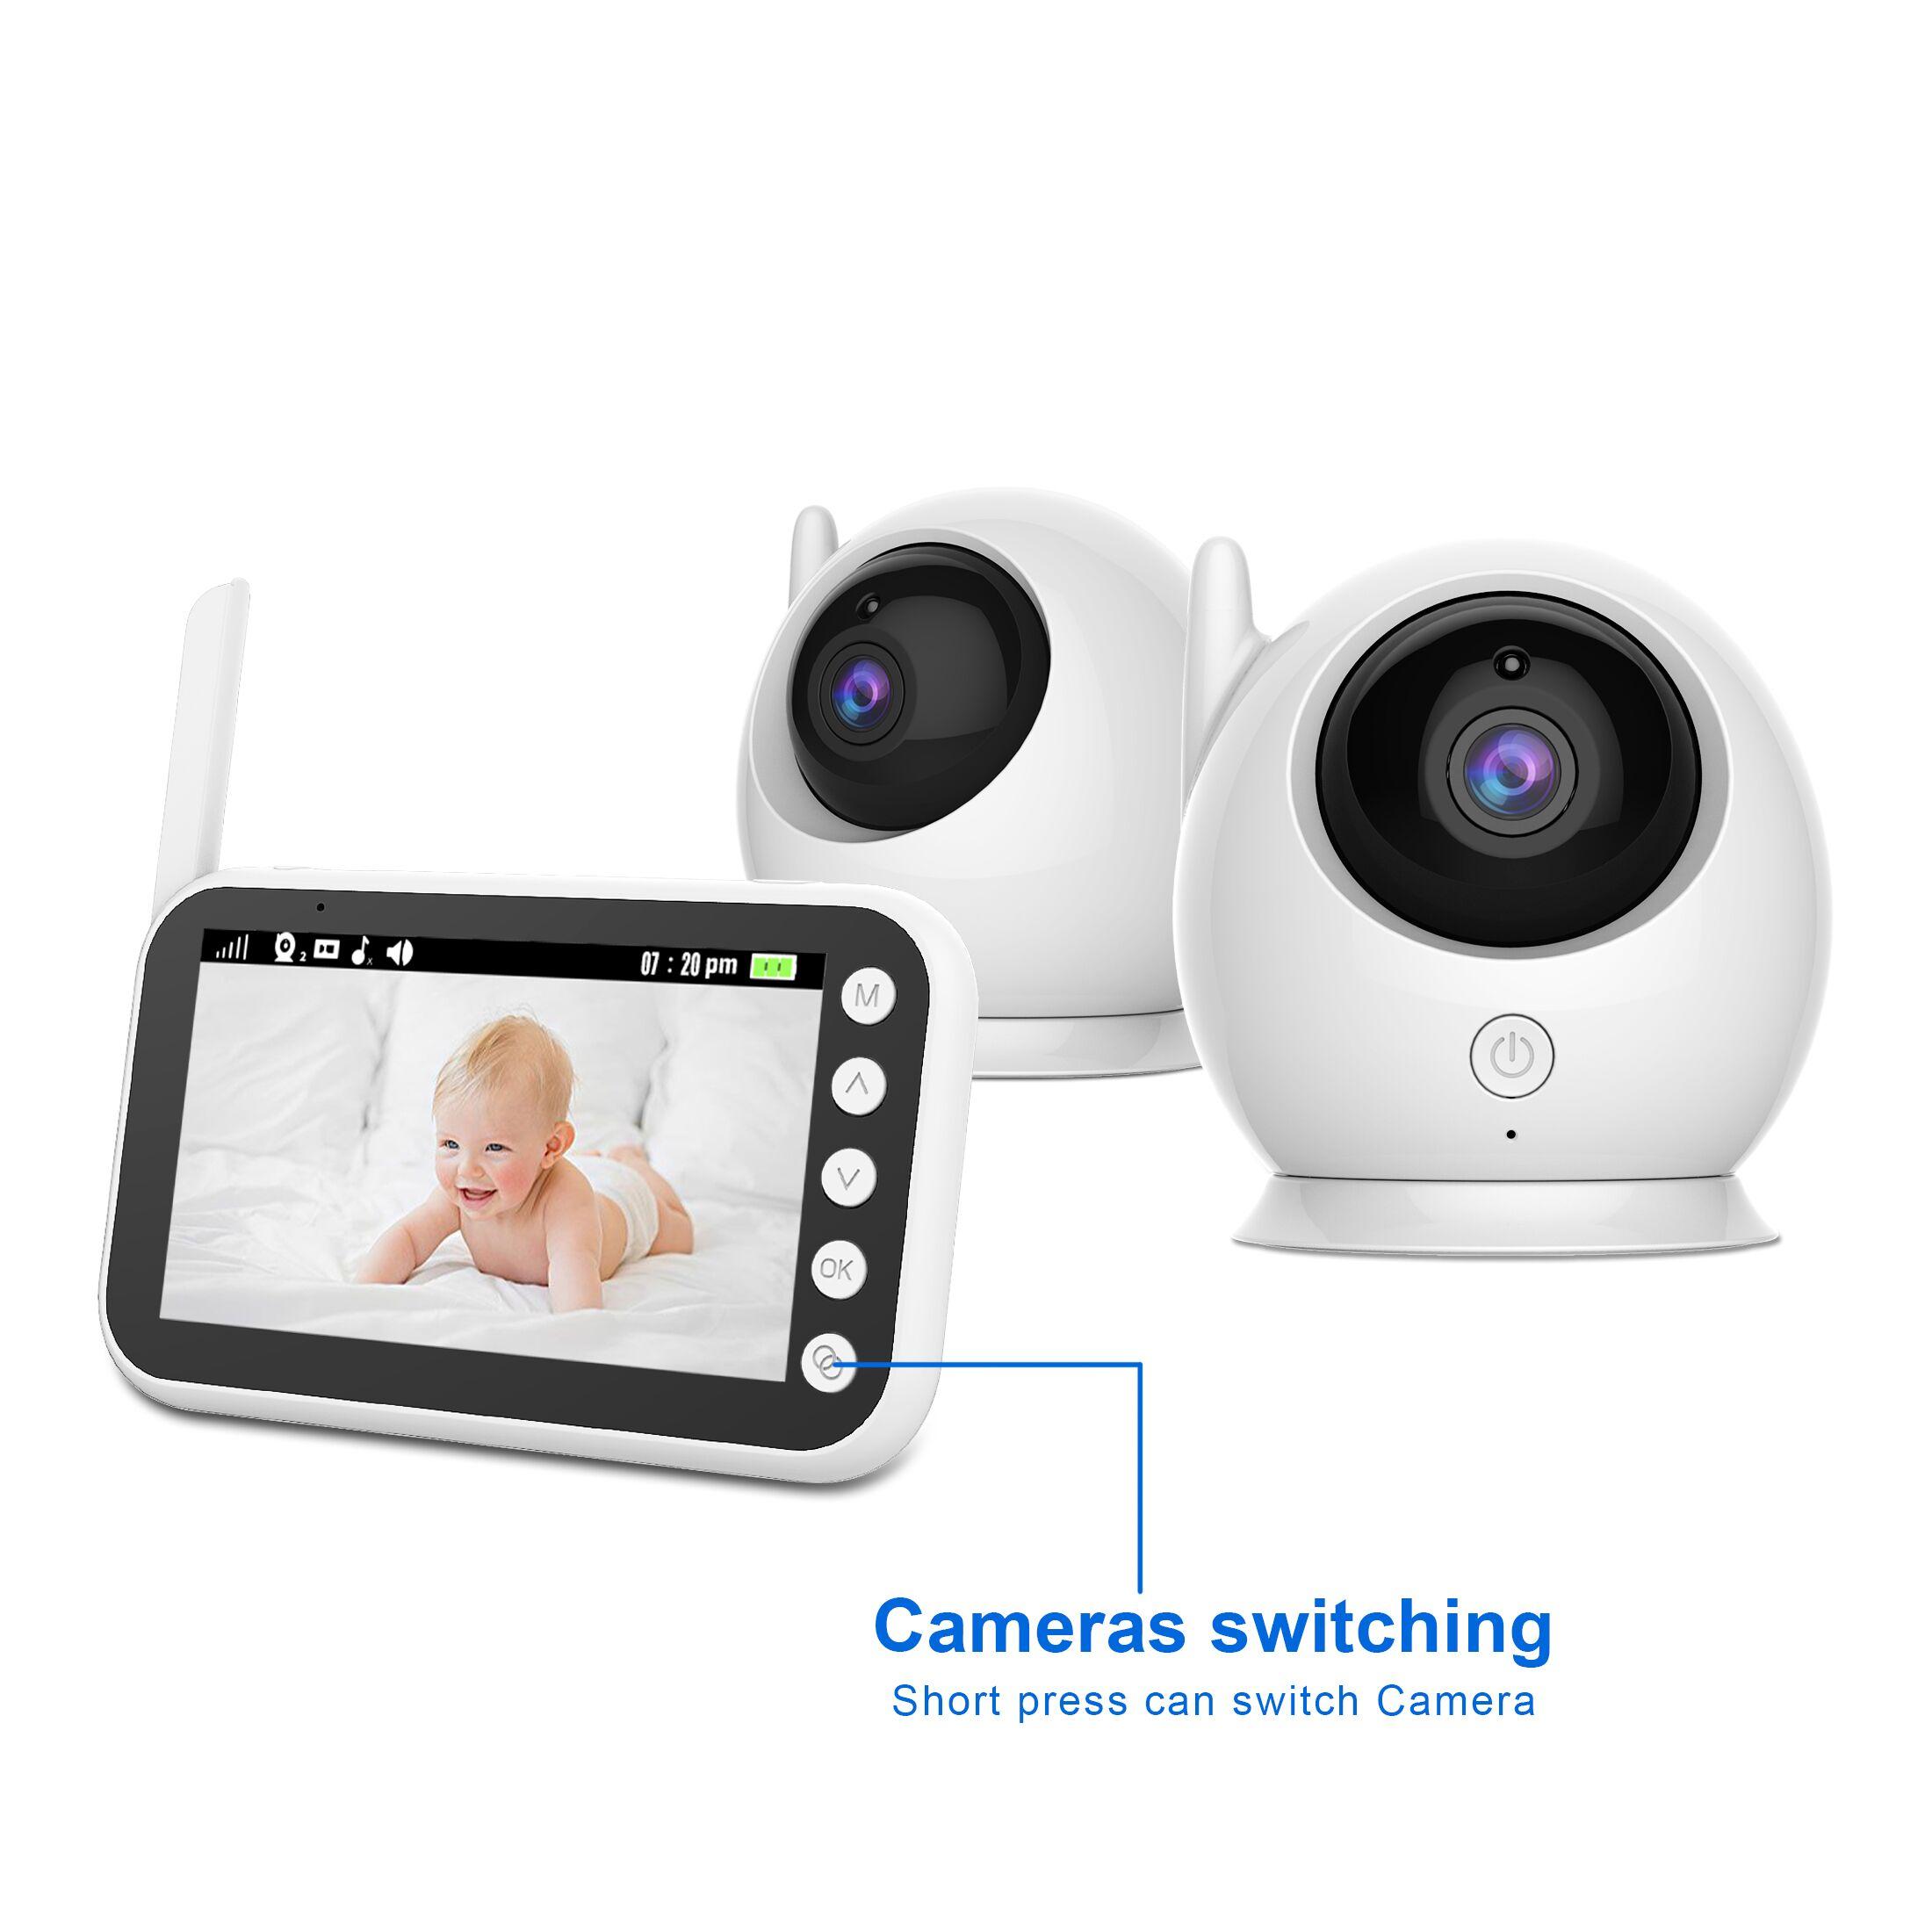 Monitor+2 cameras.jpg